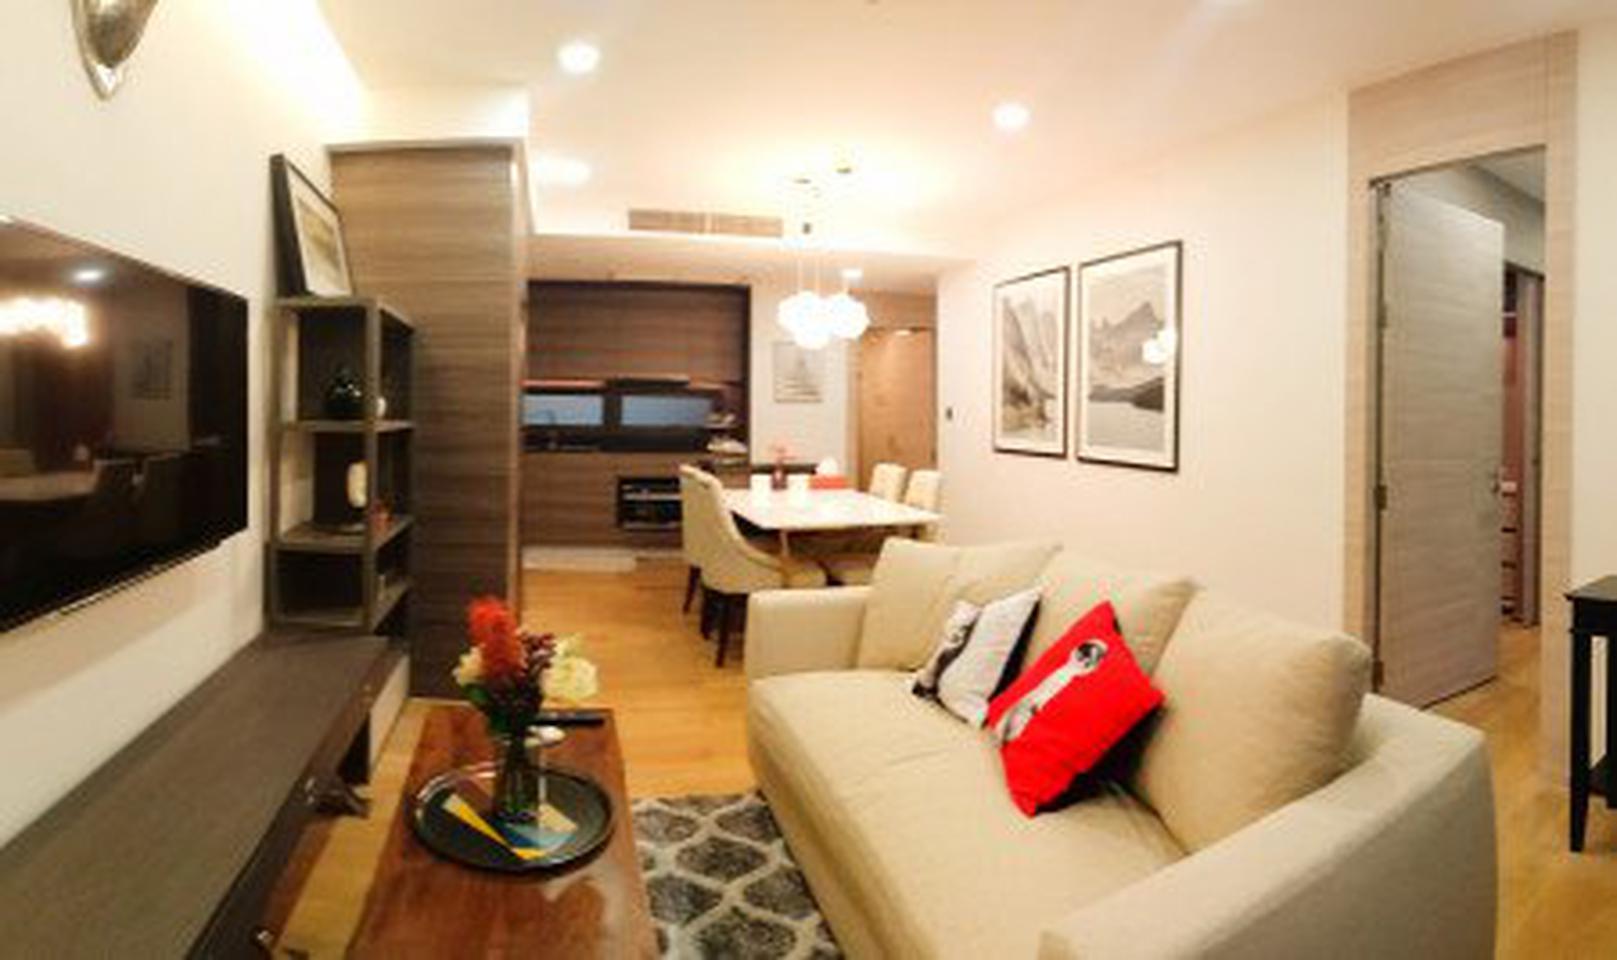 ขาย คอนโด For Sale Klass Langsuan Luxury condo on Langsuan rd. with Fully Furnished and Nice Decoration Klass หลังสวน 74 รูปที่ 1